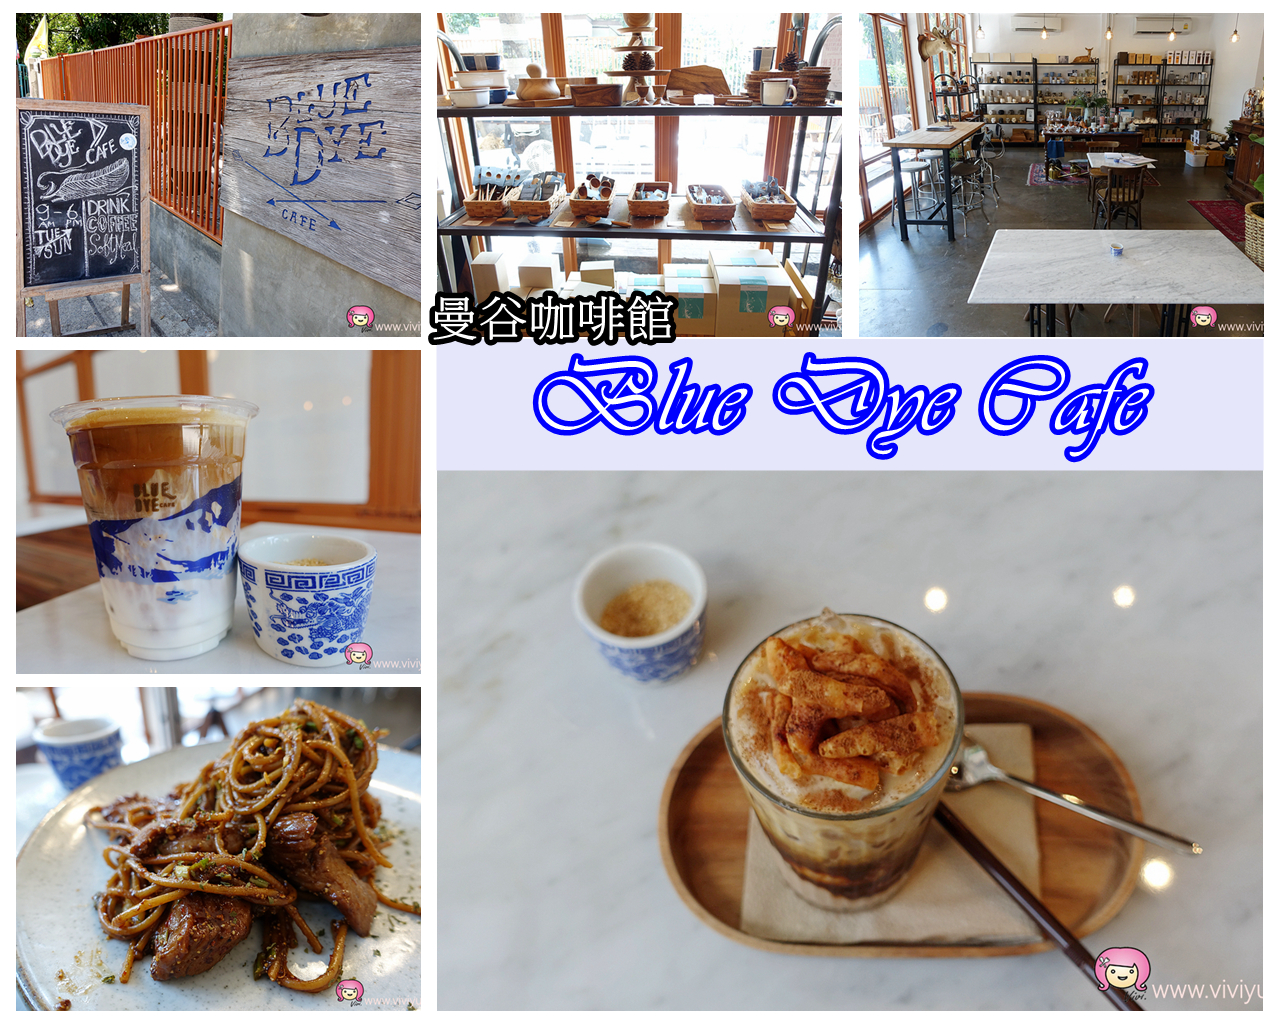 [曼谷美食]Blue Dye Cafe.生活雜貨複合咖啡館.鄰近BTS-Thonglor站~「布丁豆腐咖啡」肉桂香 @VIVIYU小世界